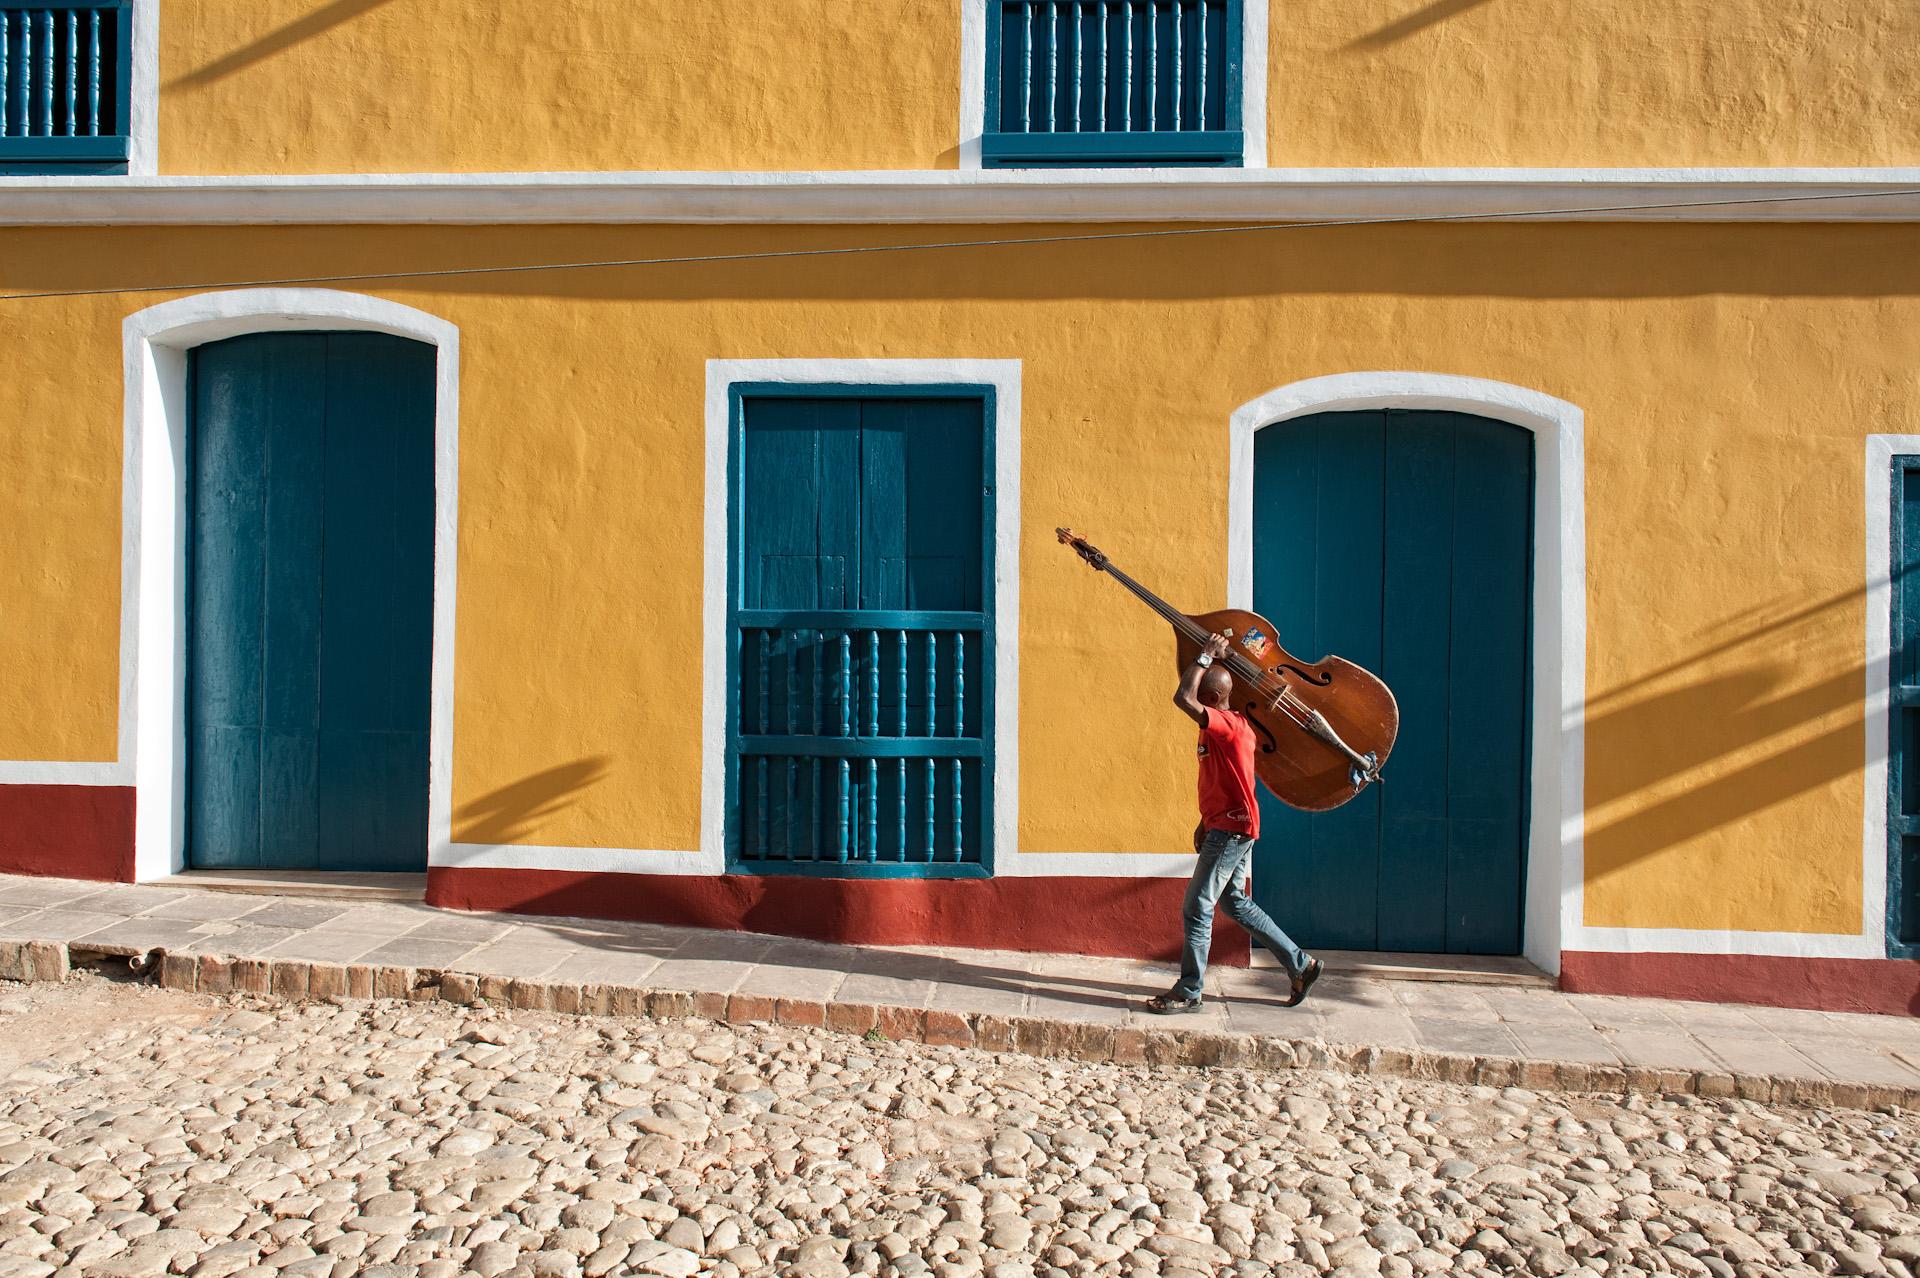 Cuba-Trinidad-Travel-Street-Scence-Instrument-Jason-Bax.JPG